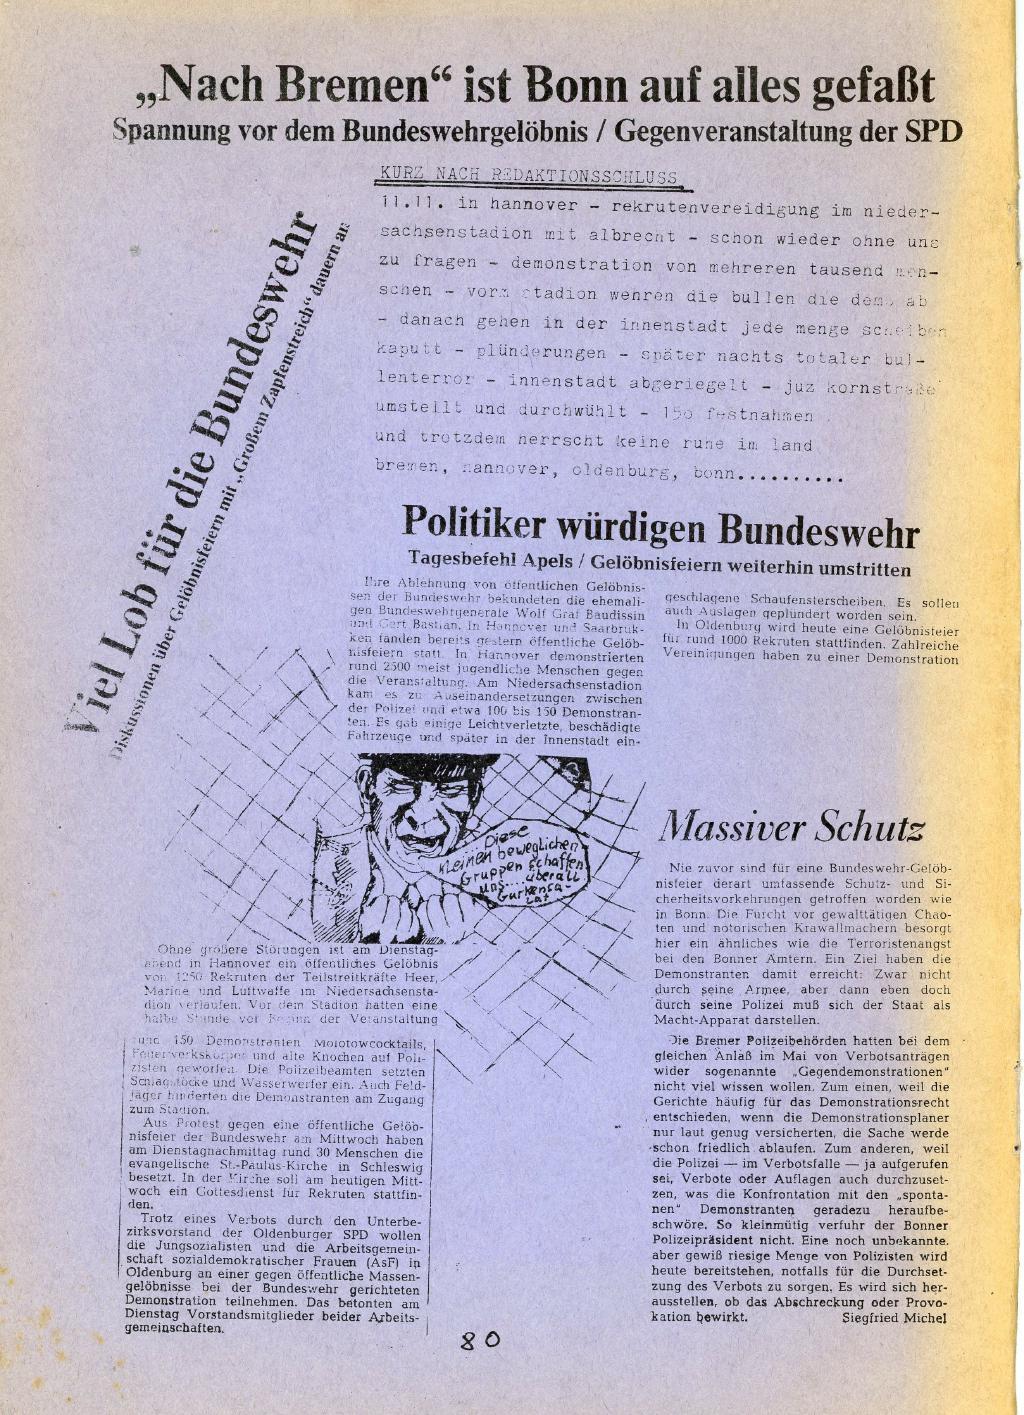 Bremen_1980_NATO_Broschuere_80